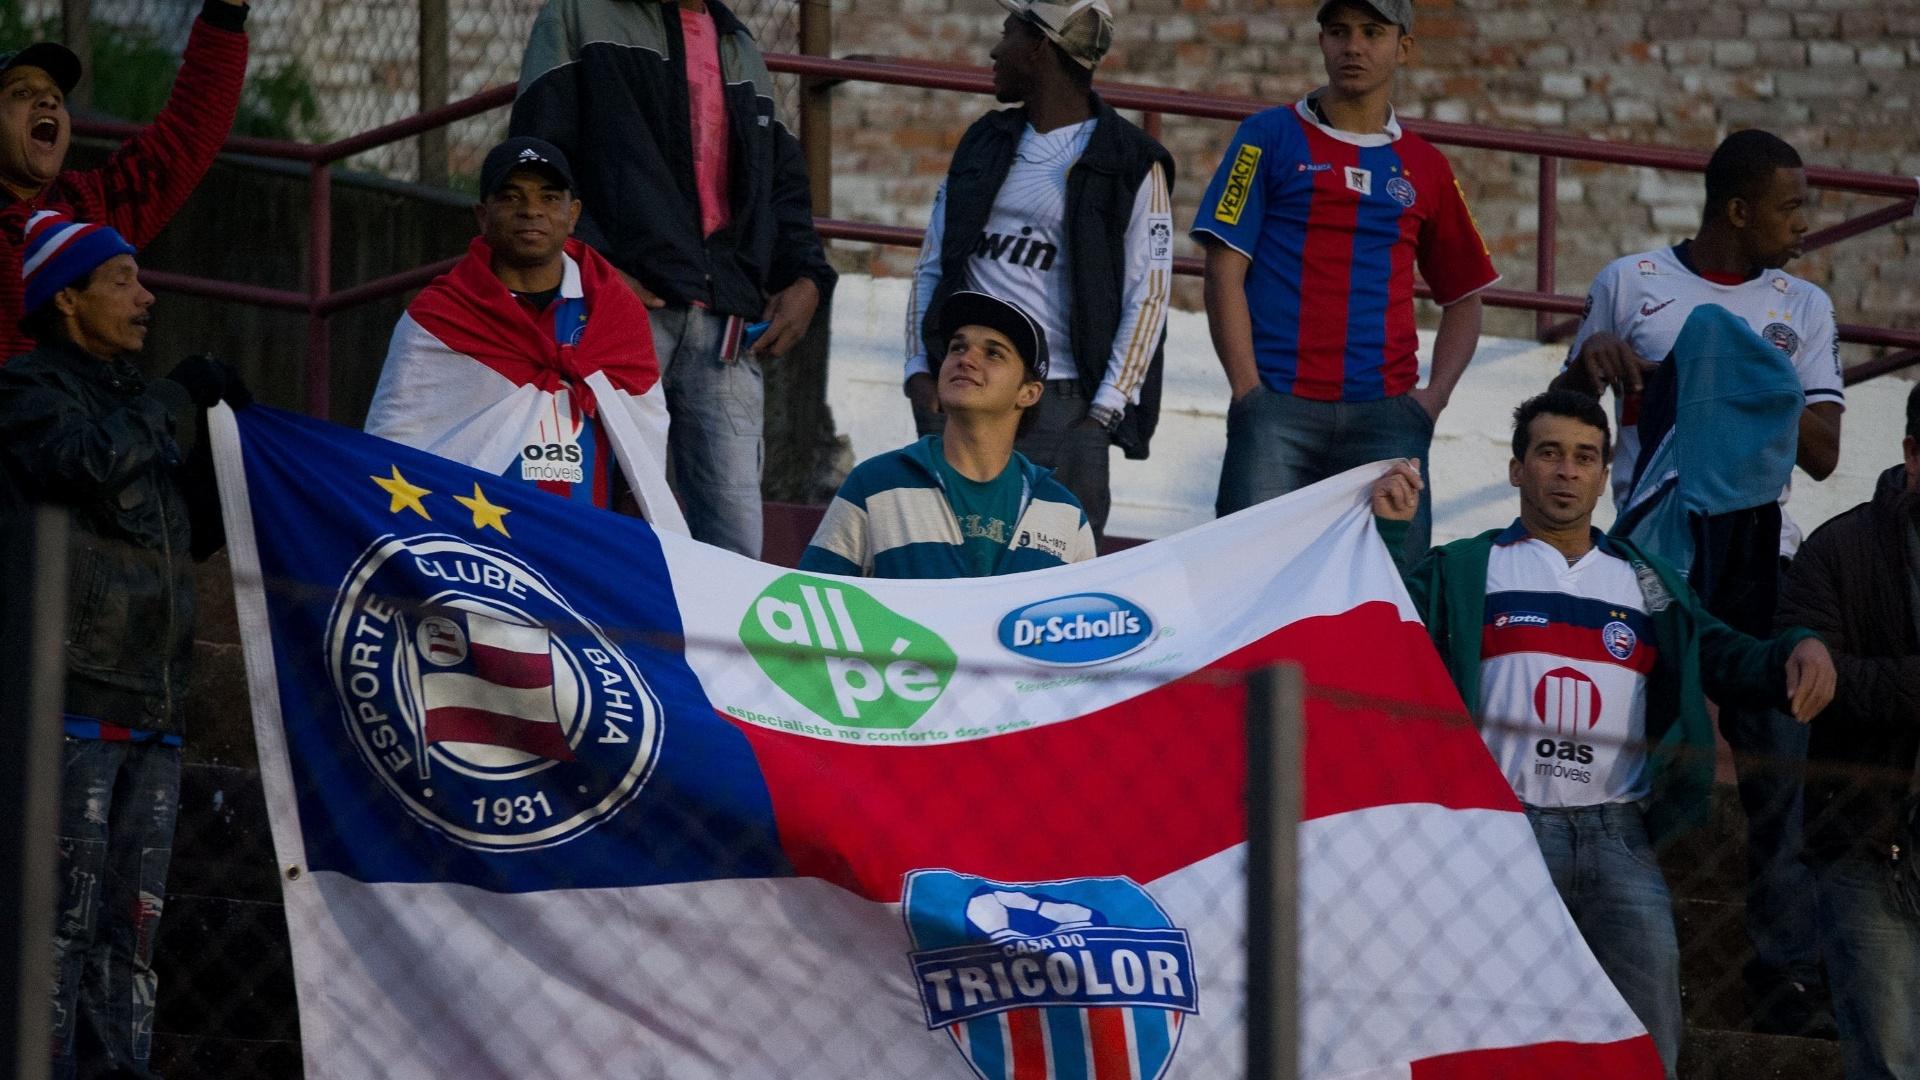 02.06.13 - Torcida do Bahia também marca presença na partida fora de casa